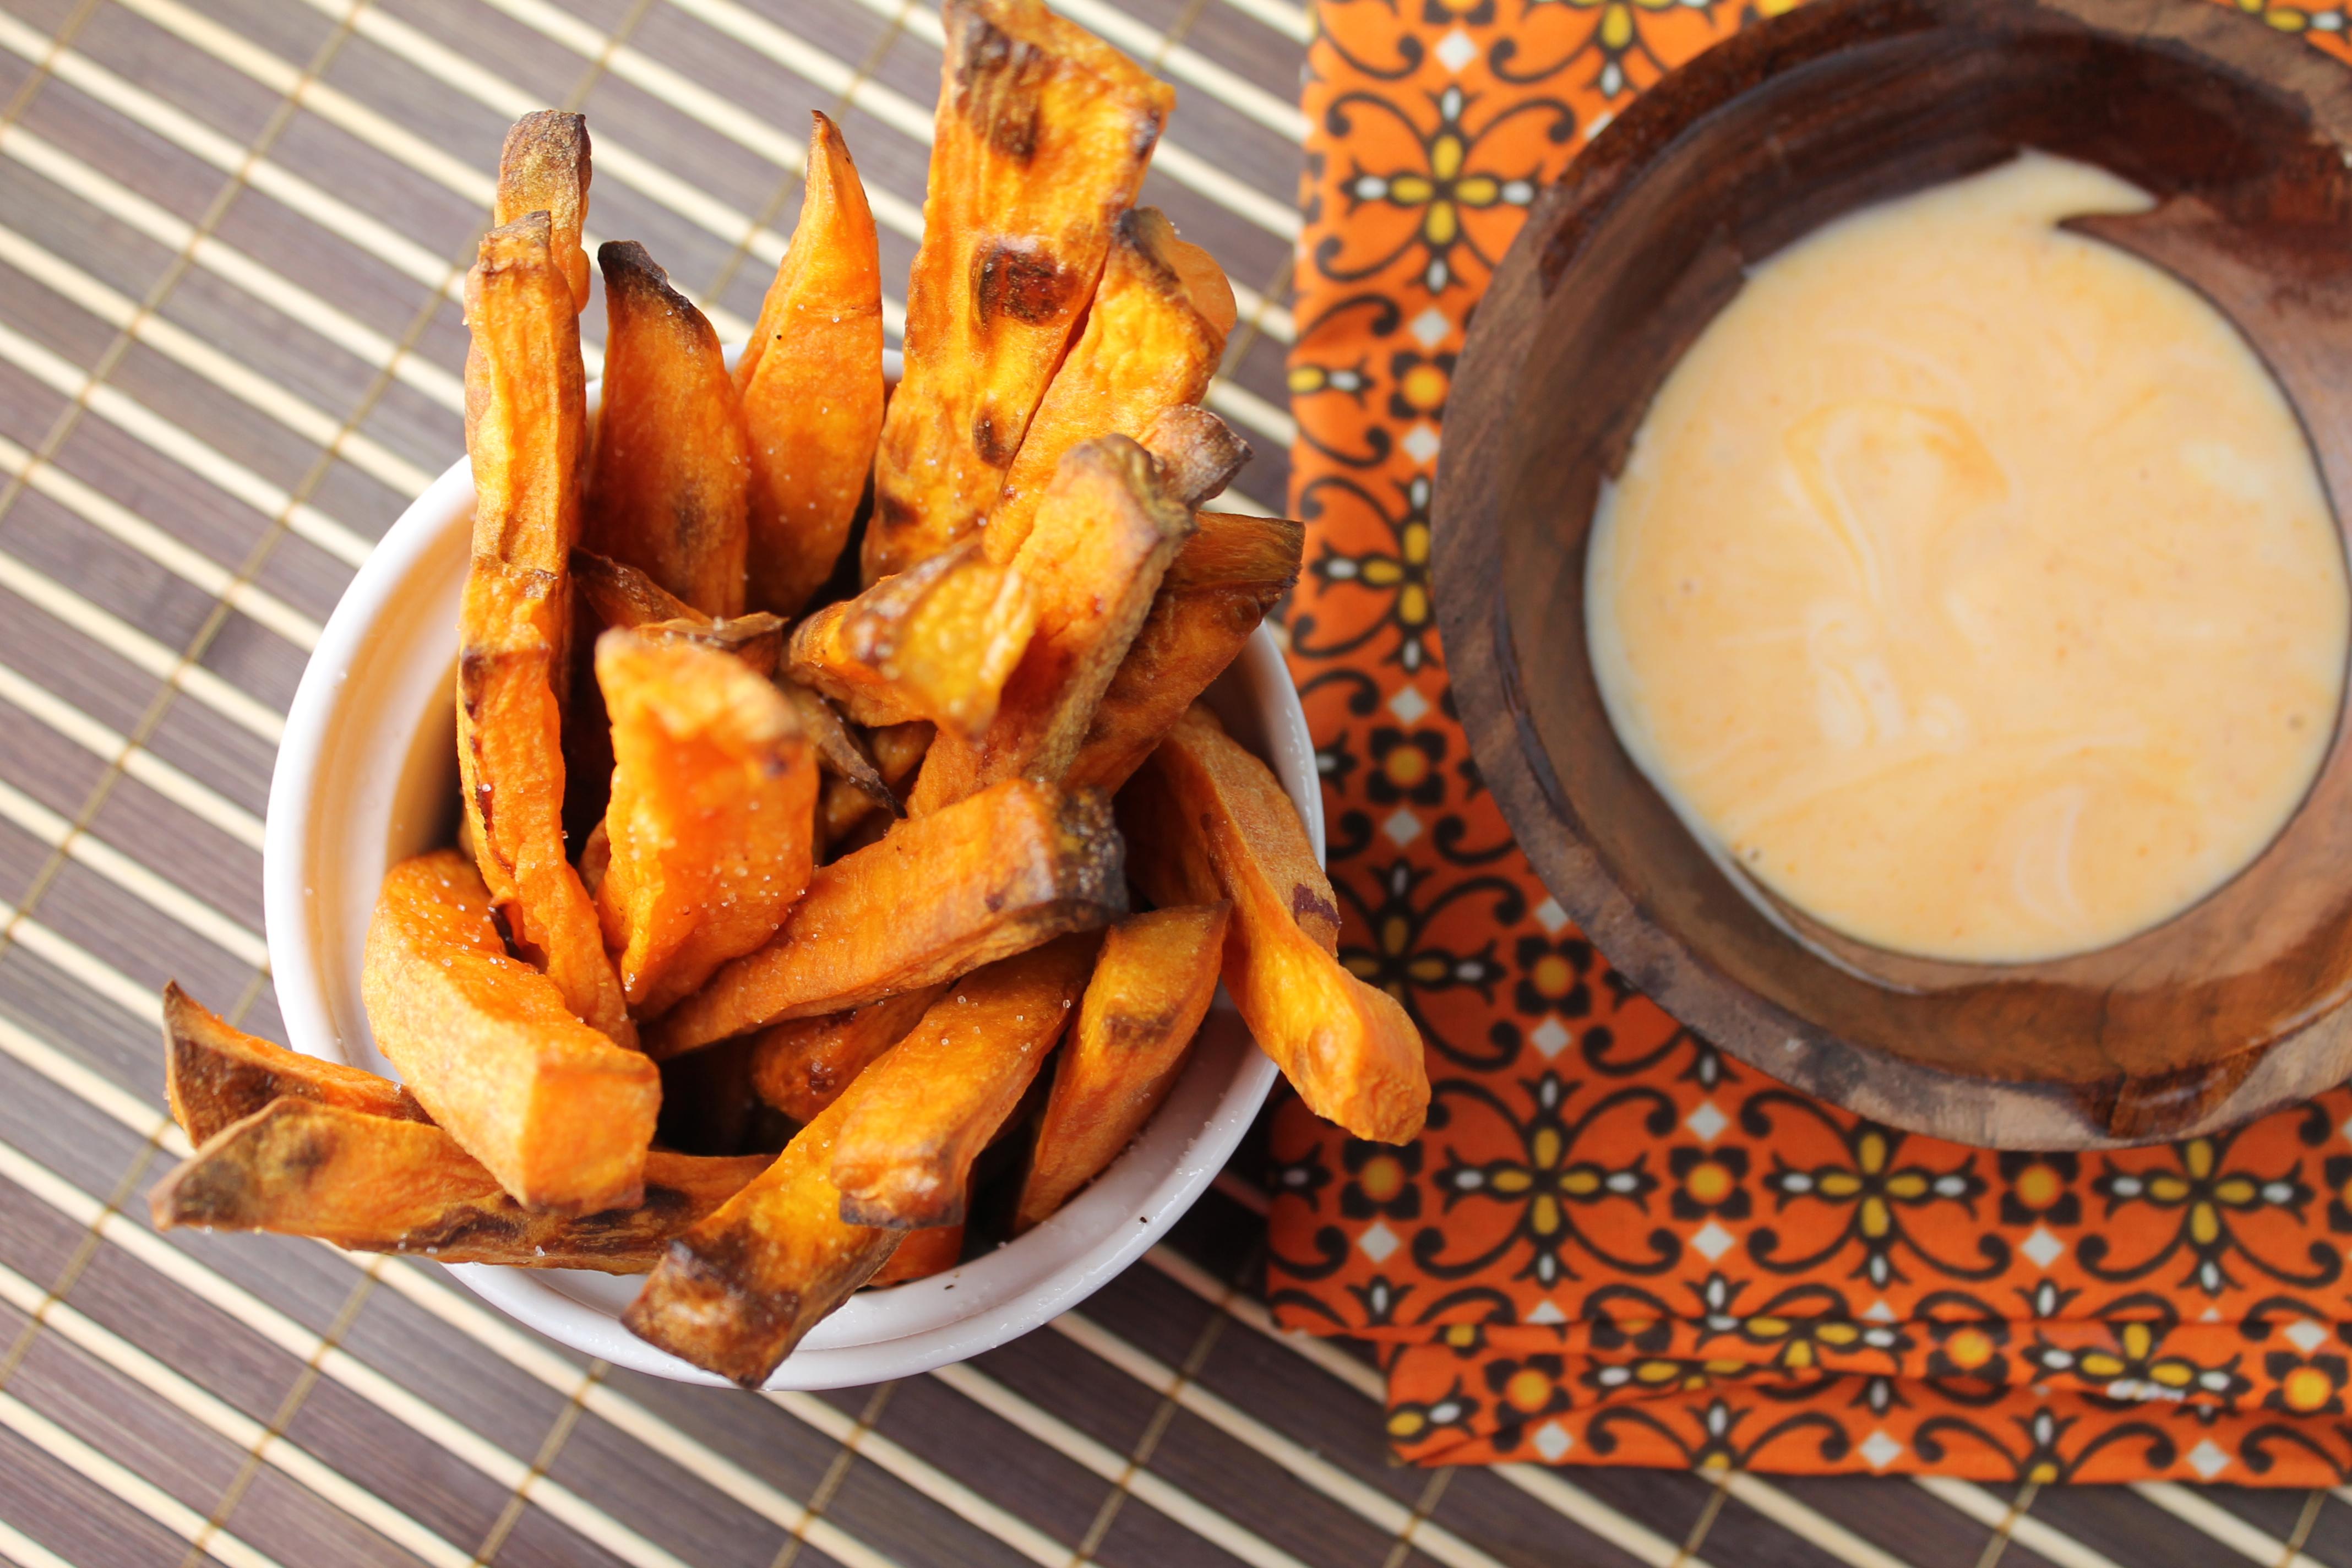 Hasil gambar untuk How to make  potato wedges